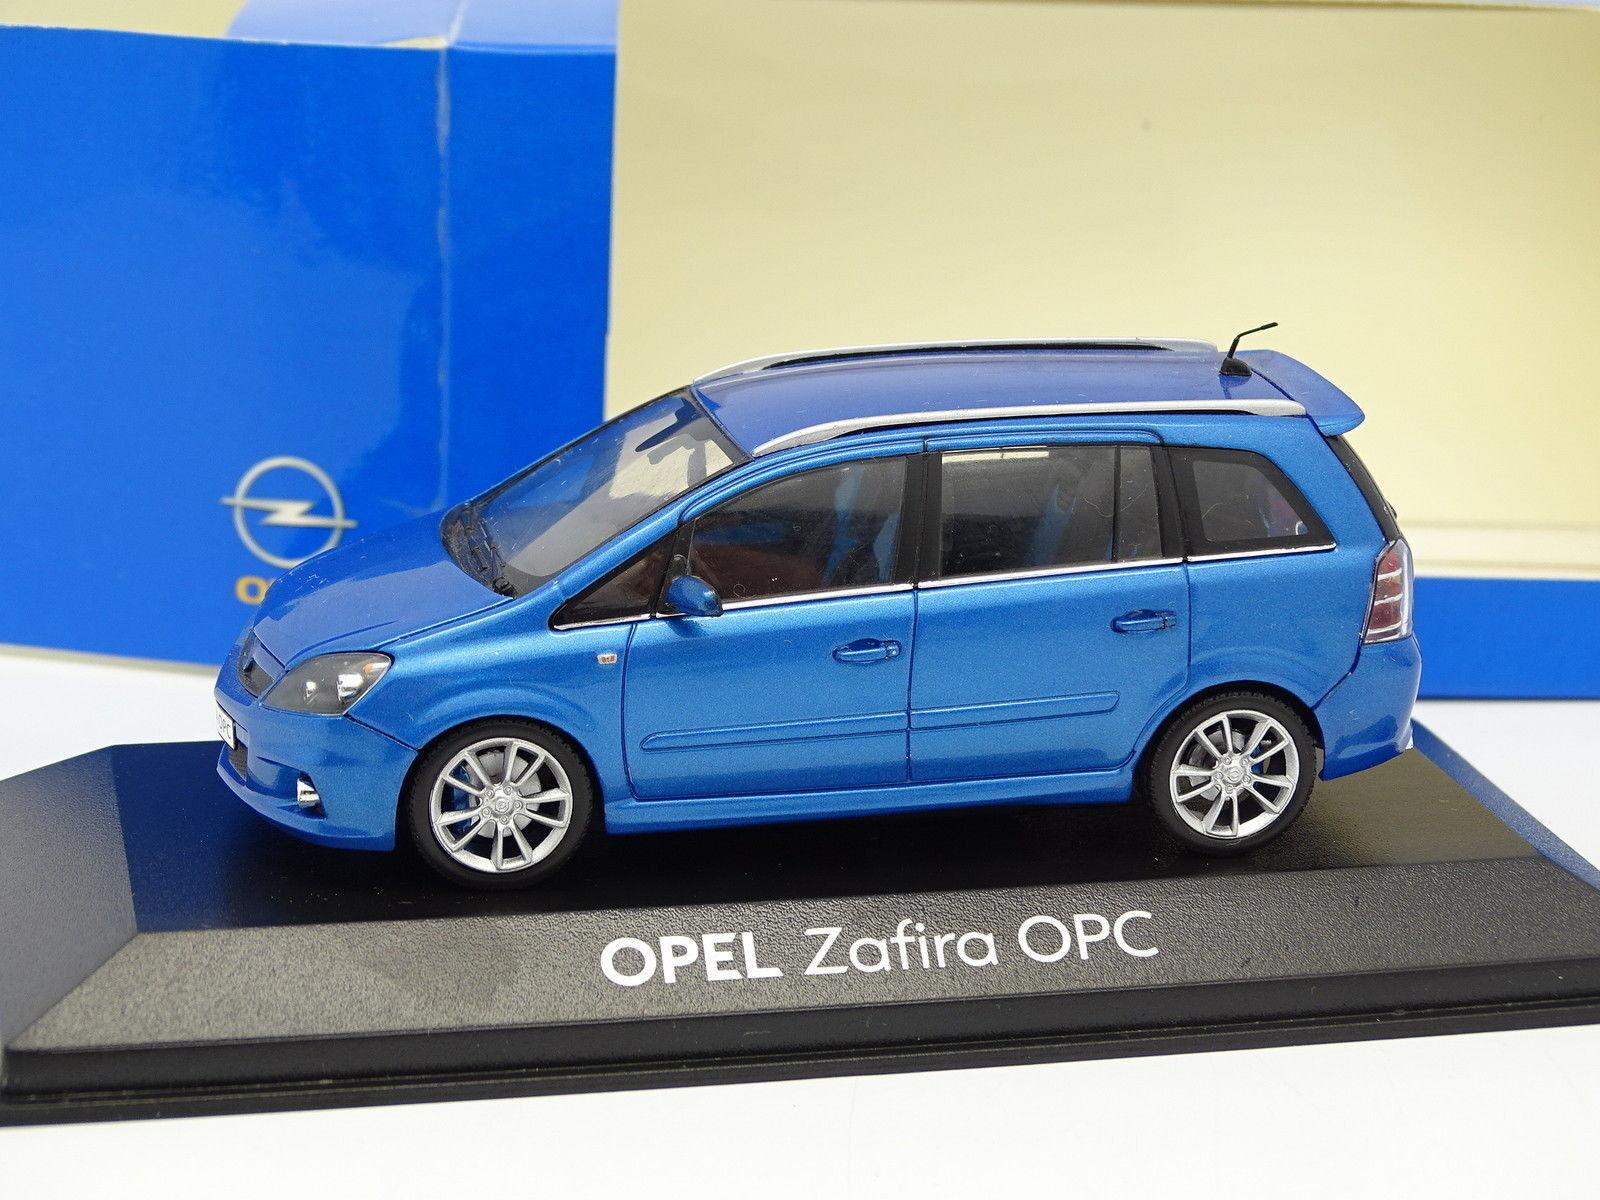 Minichamps 1 43 - Opel Zafira OPC blue